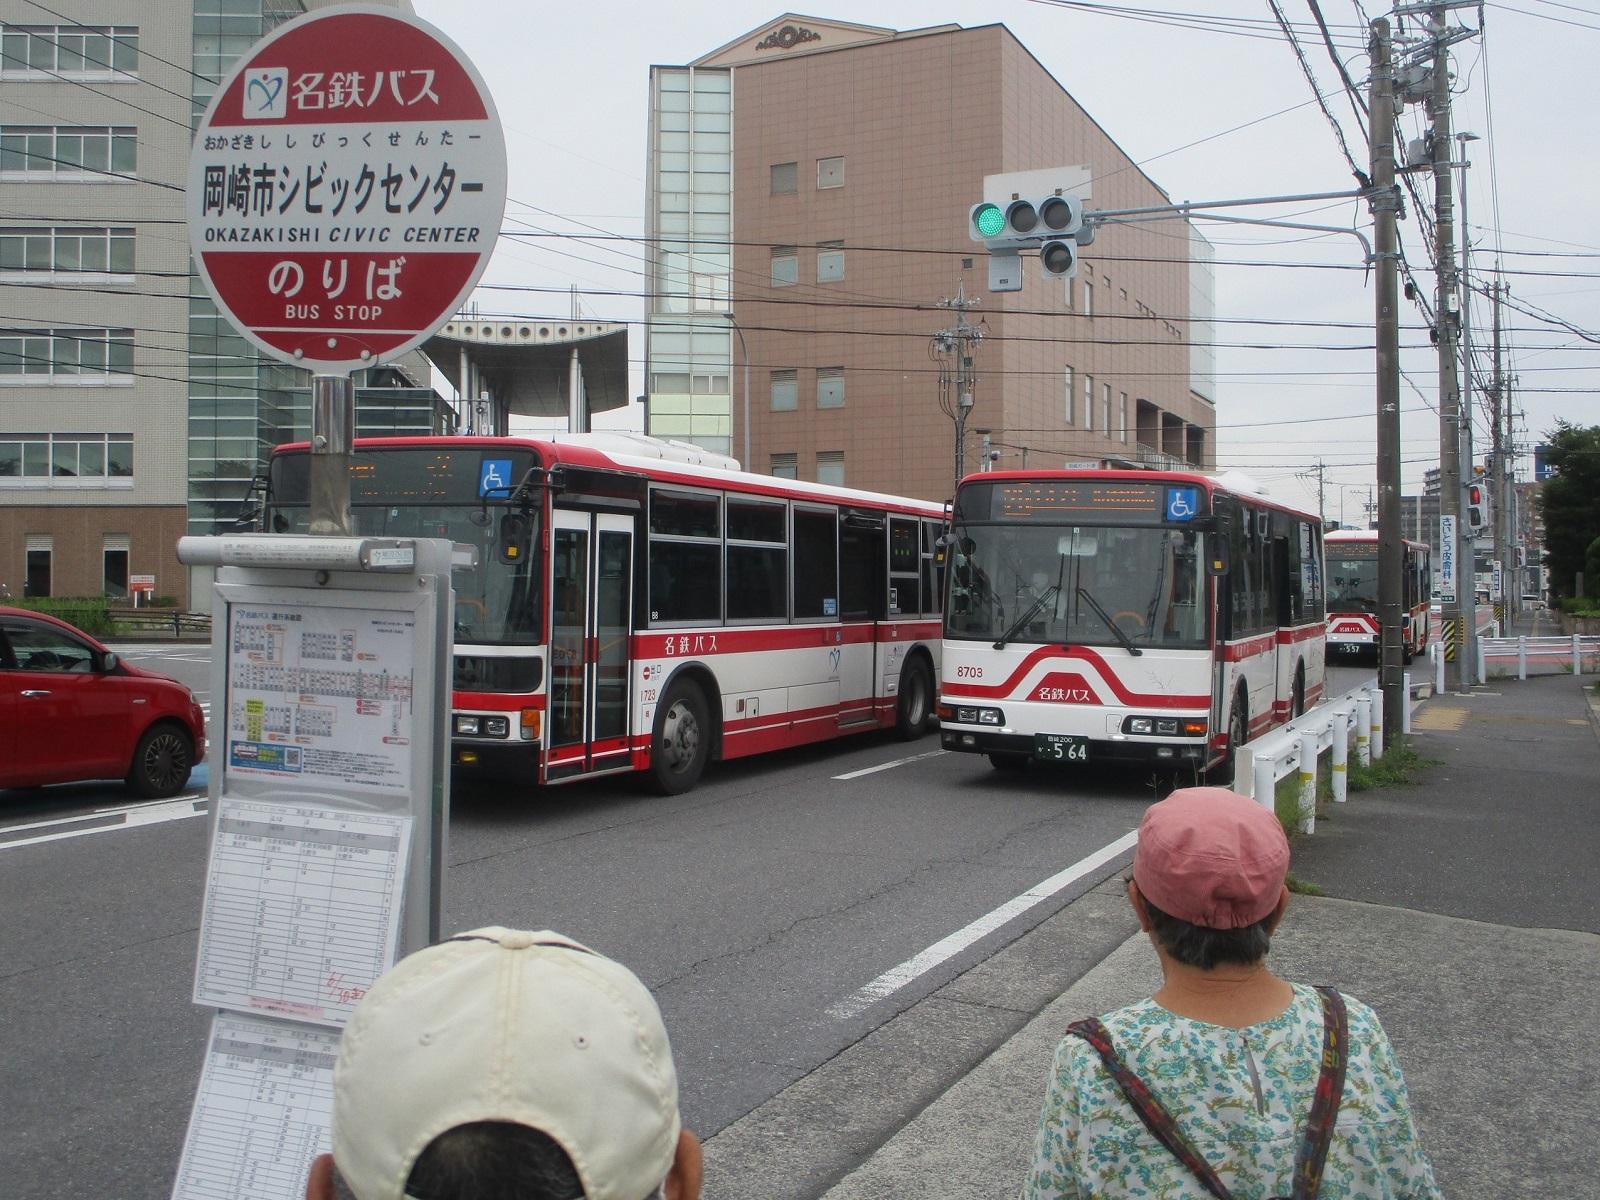 2020.6.22 (24) 岡崎市シビックセンターバス停 - イオンモール岡崎いきバス 1600-1200